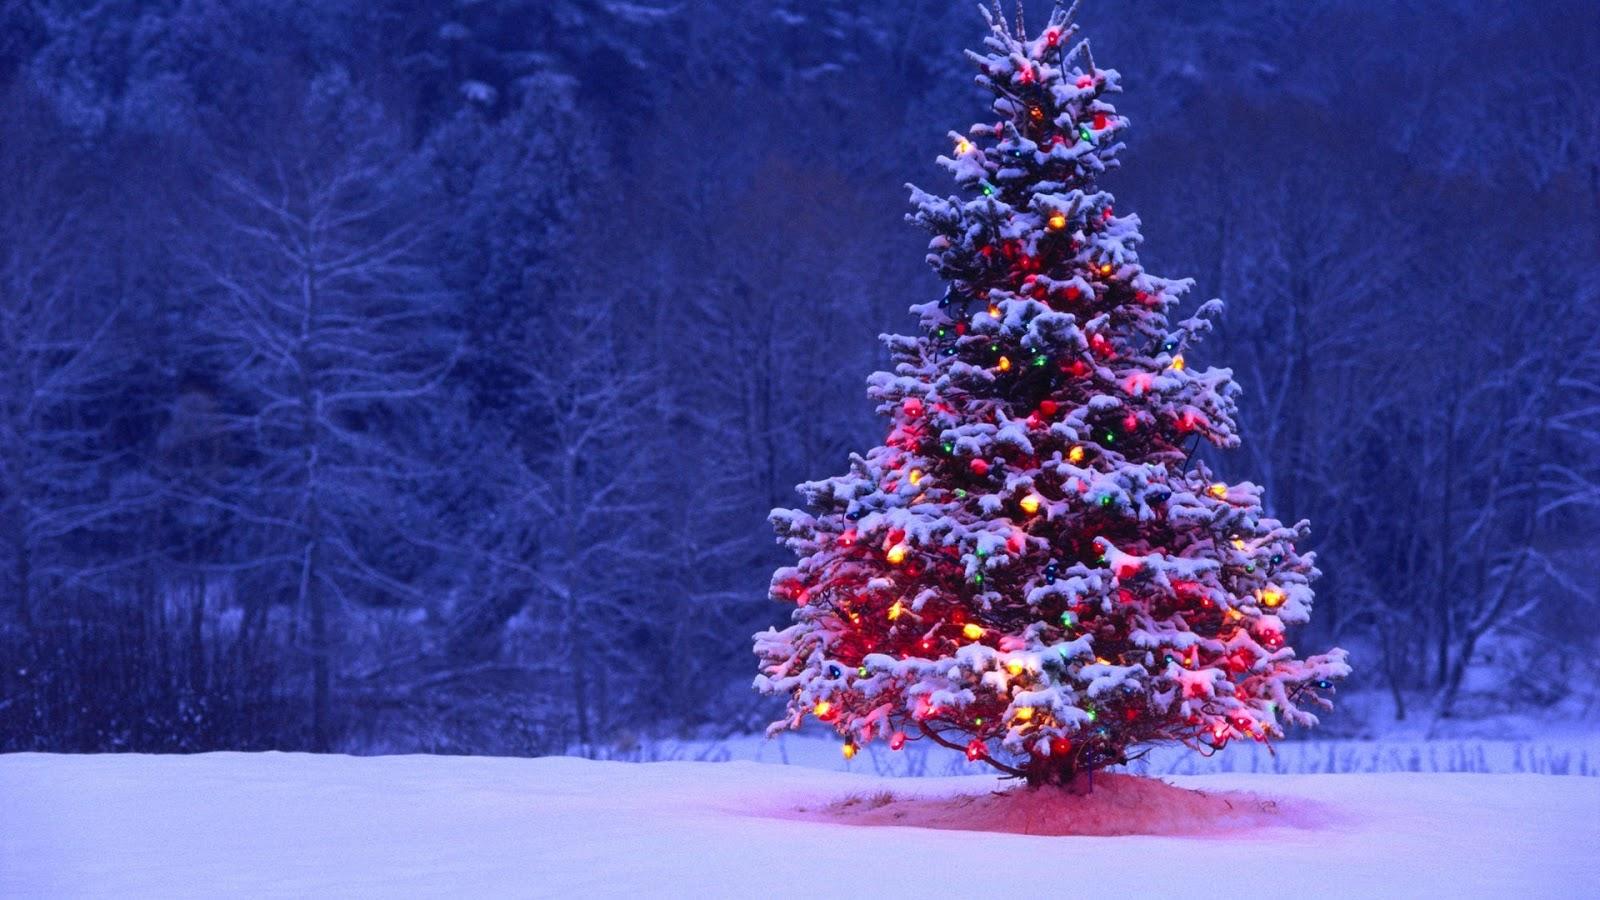 Free Wallpaper Christmas Tree